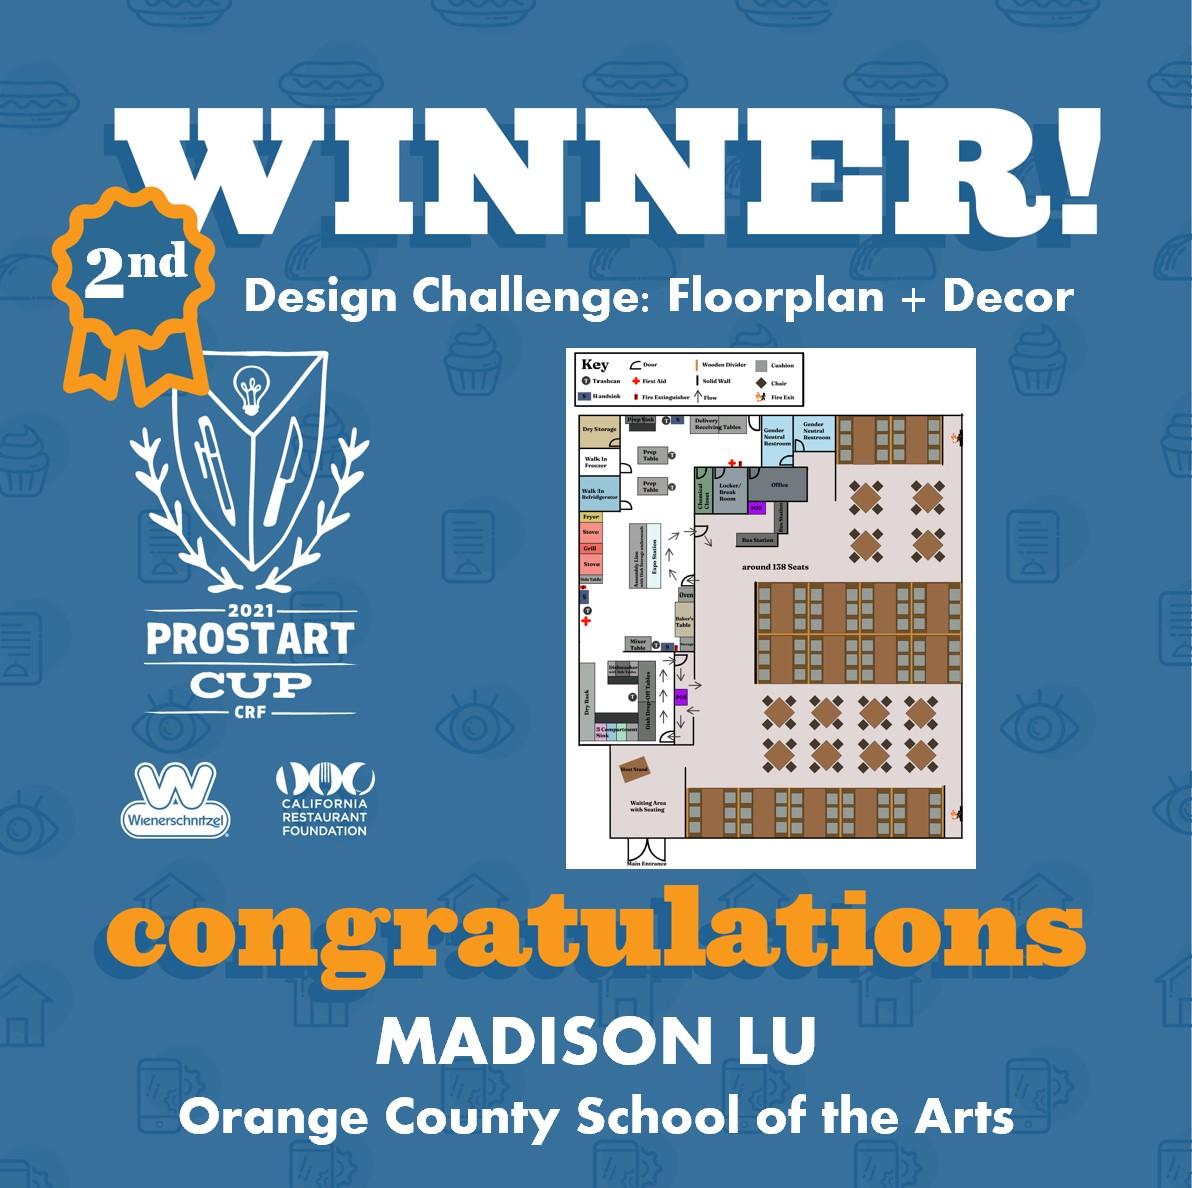 2021 ProStart Winner - Design Challenge: Floorplan + Décor - 2nd Place